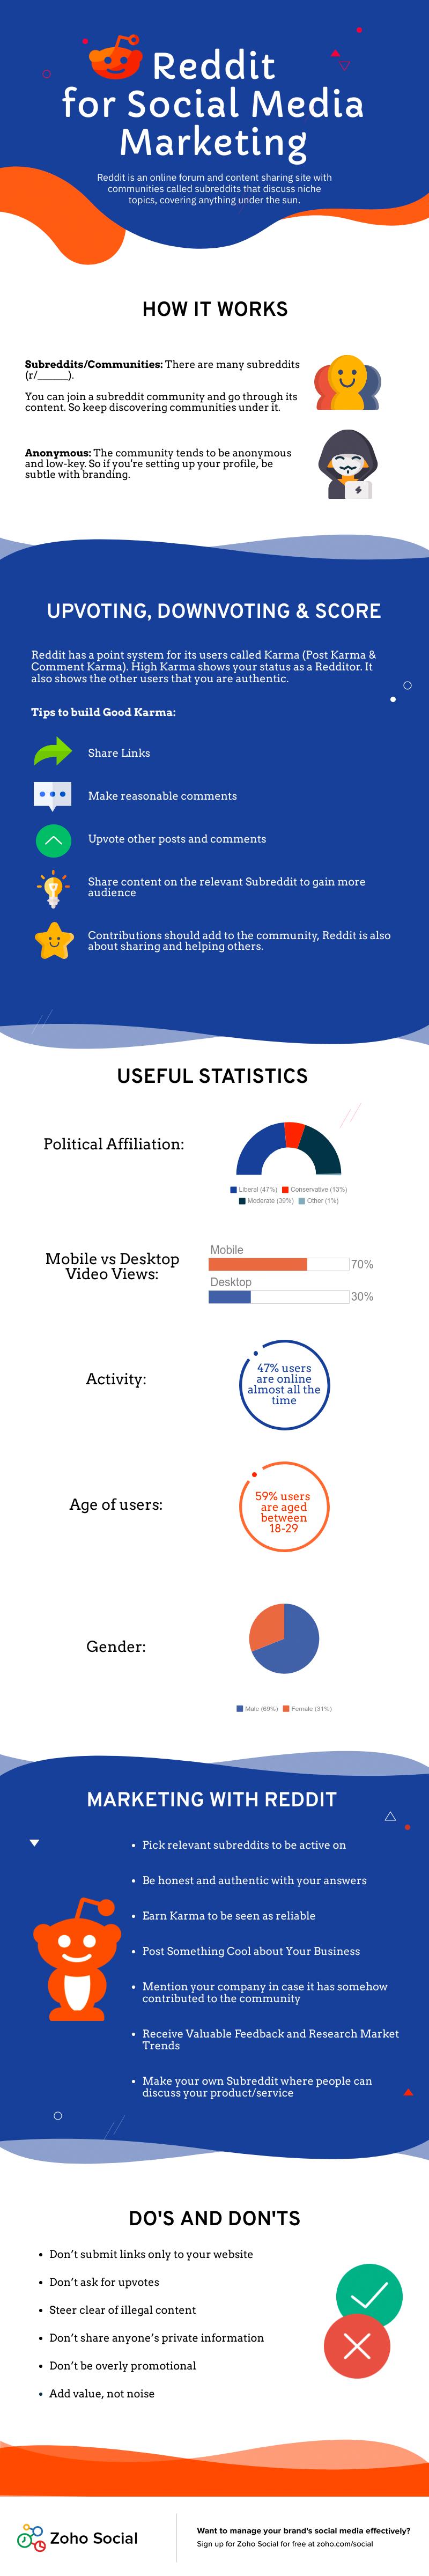 Reddit For Social Media Marketing Social Media Marketing Infographic Infographic Marketing Social Media Infographic